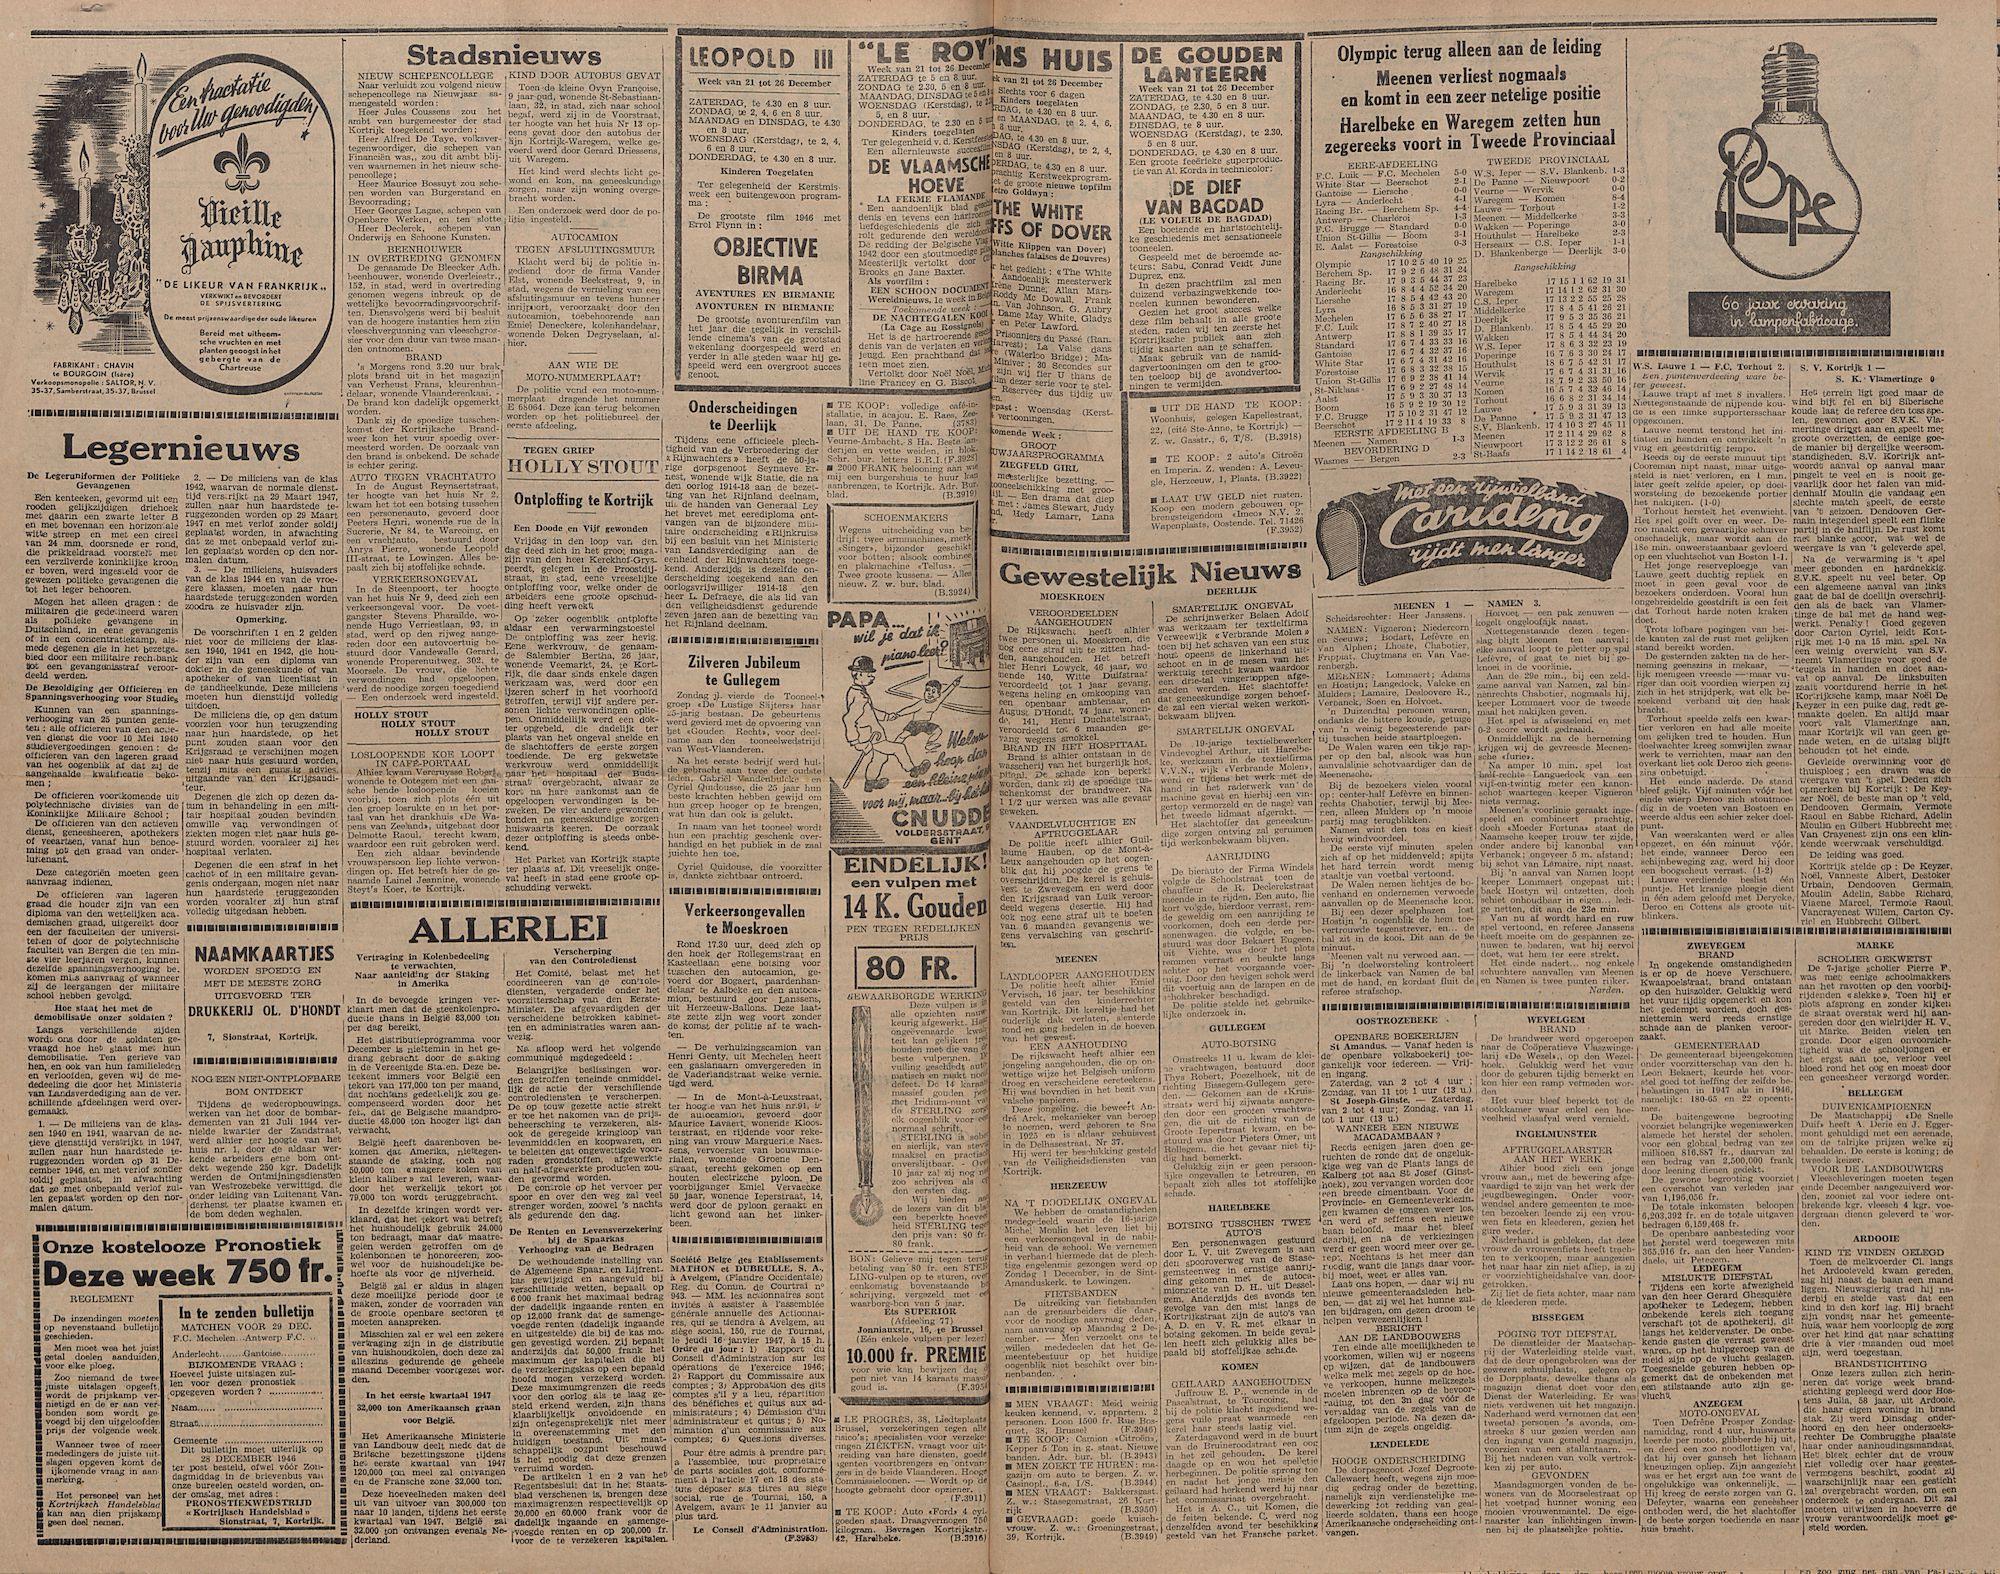 Kortrijksch Handelsblad  24 december 1946 Nr103 p2-3